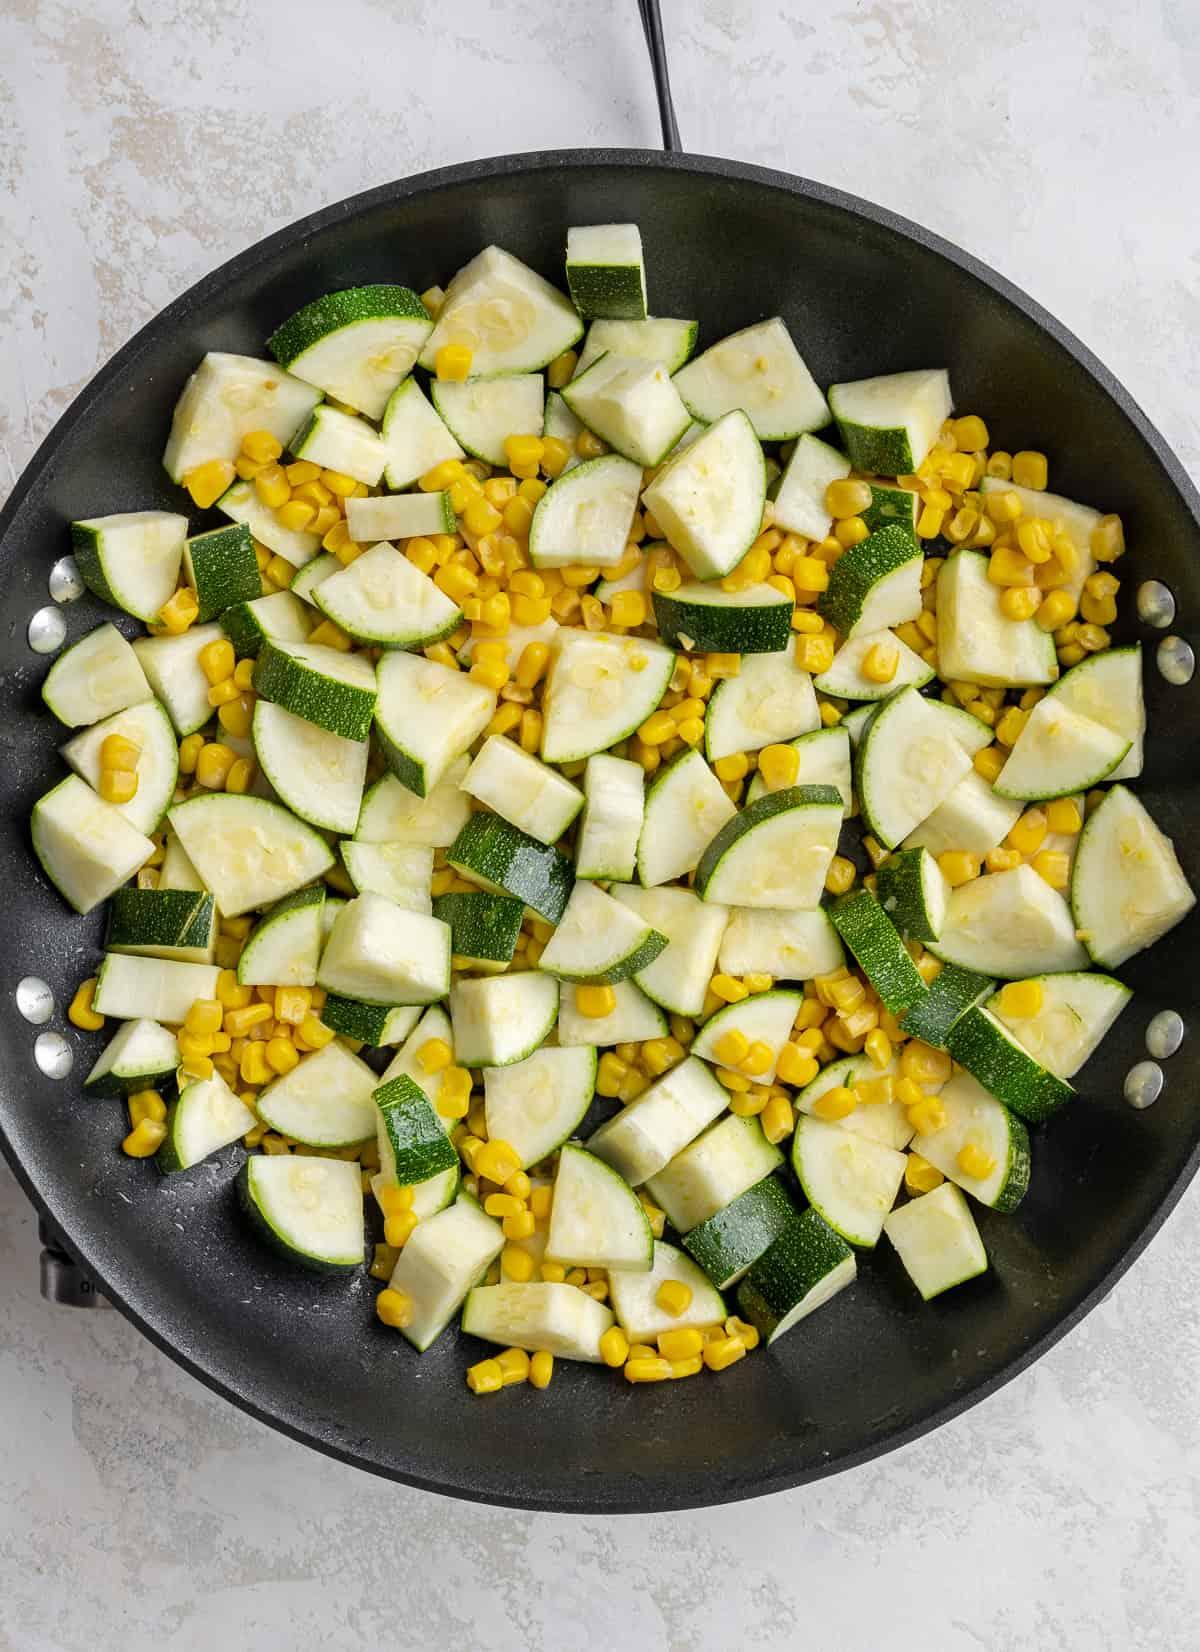 raw corn and raw zucchini in a pan